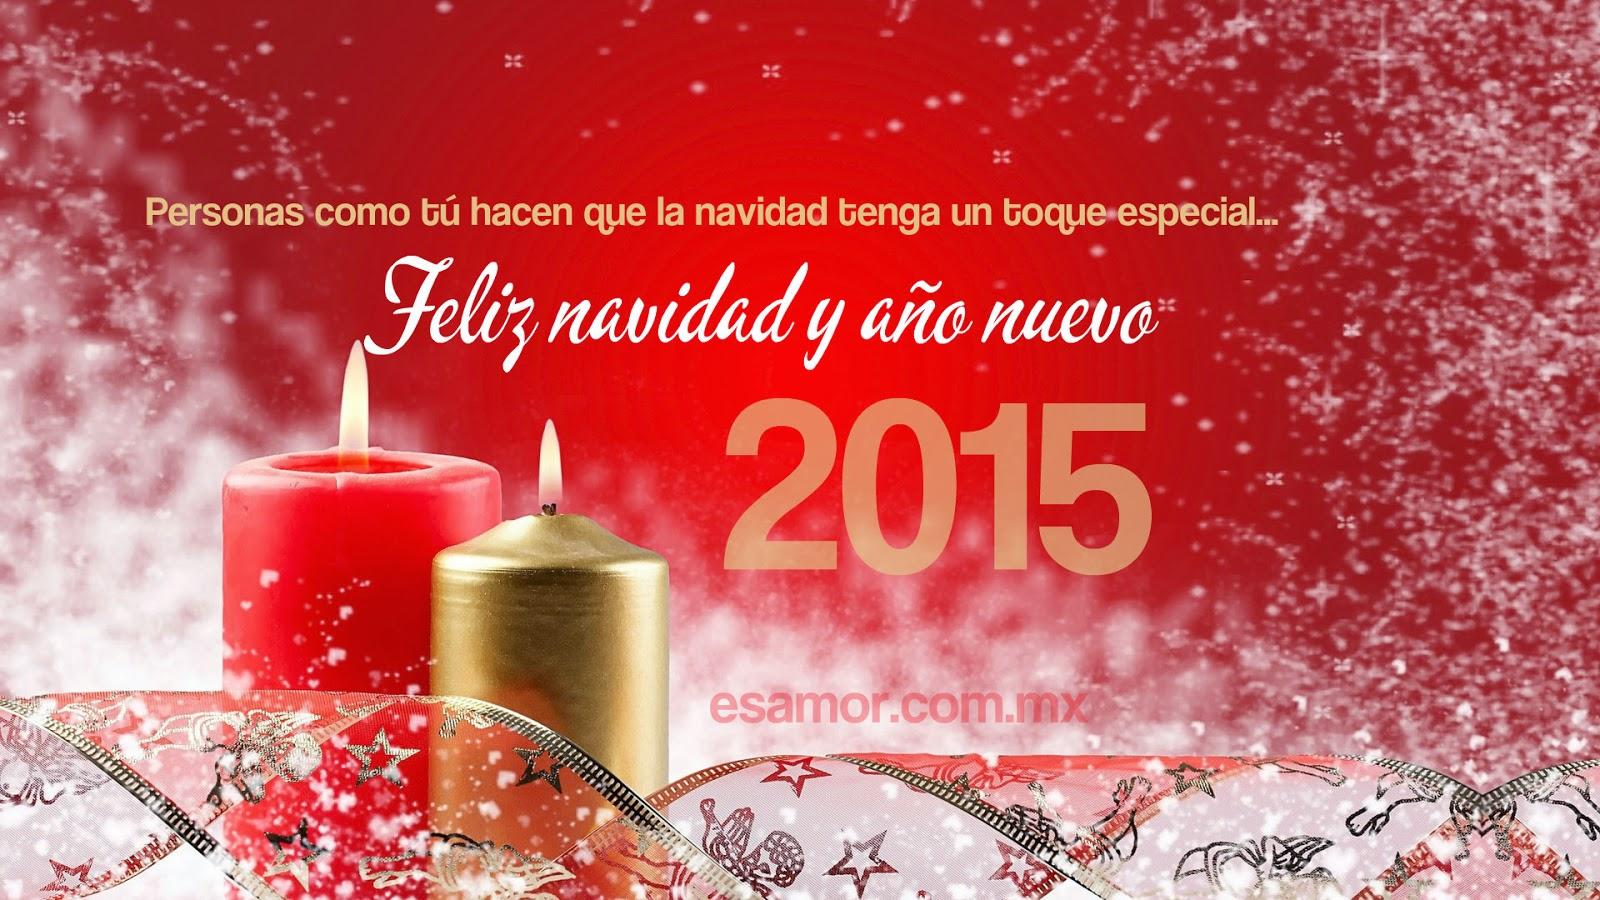 Frases de navidad y año nuevo 2015 cortas